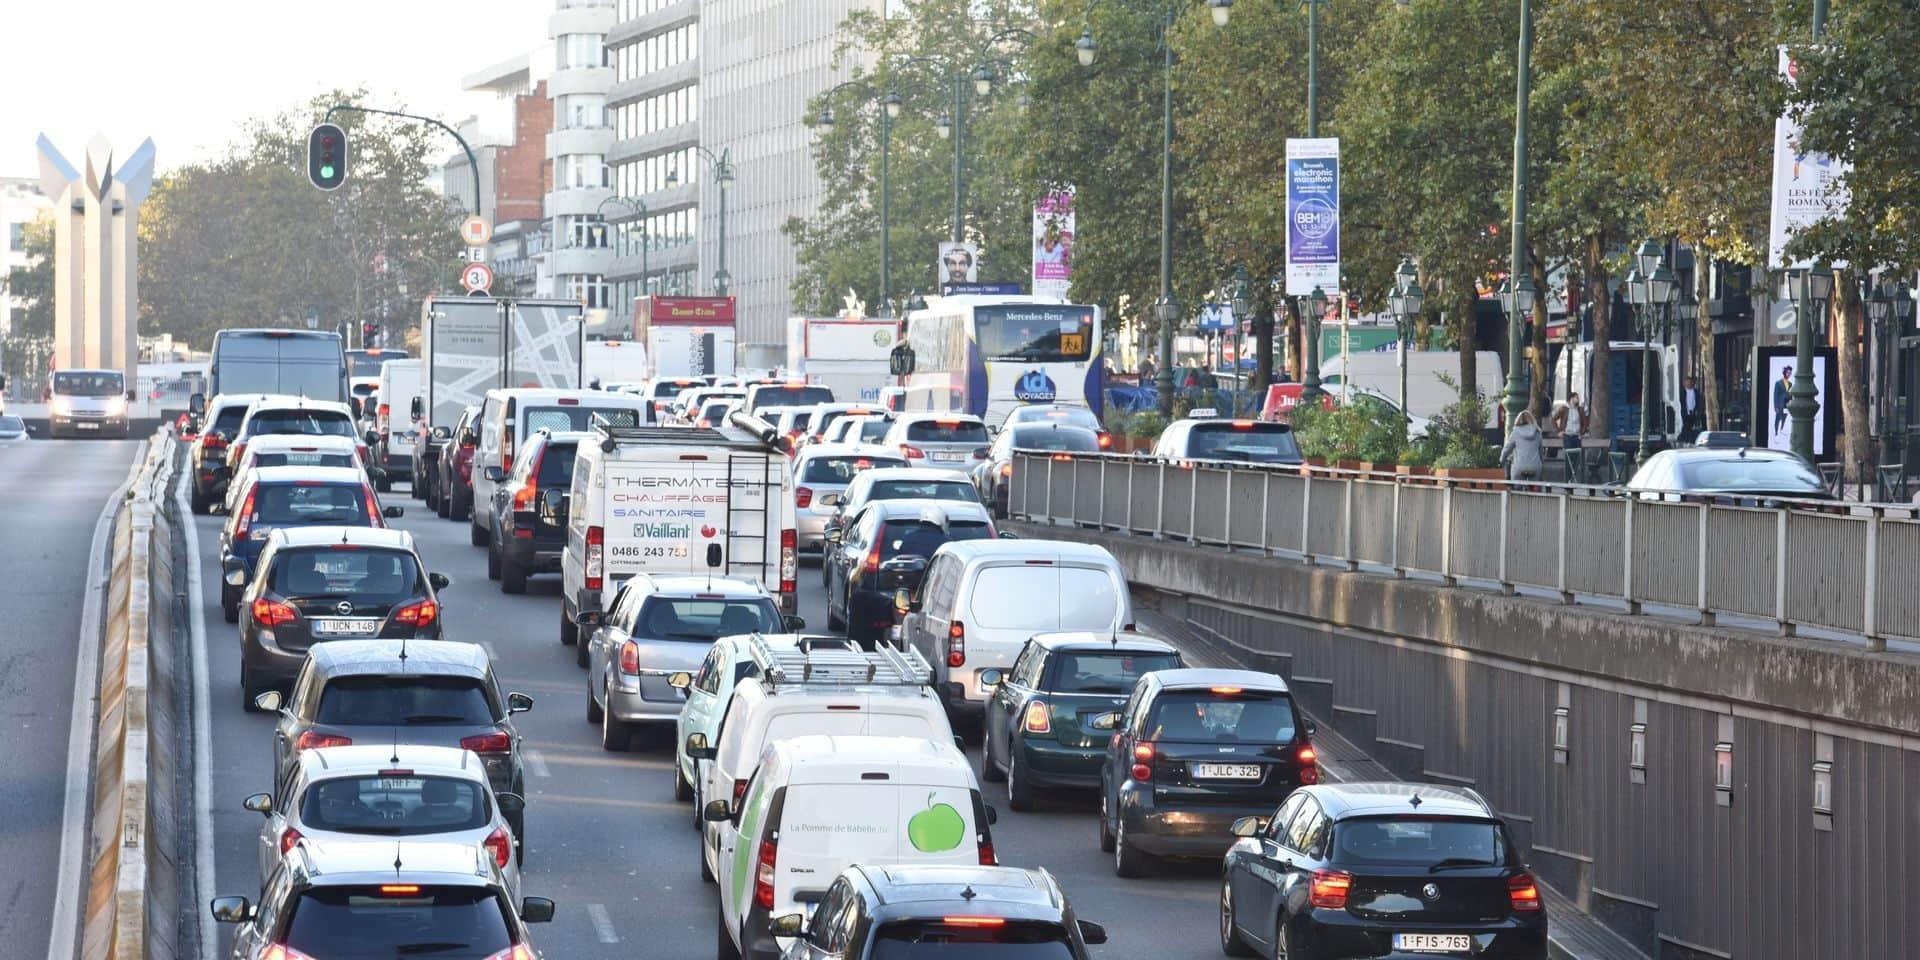 Taxe kilométrique à Bruxelles : Beci demande l'ouverture d'un dialogue avec les partenaires sociaux